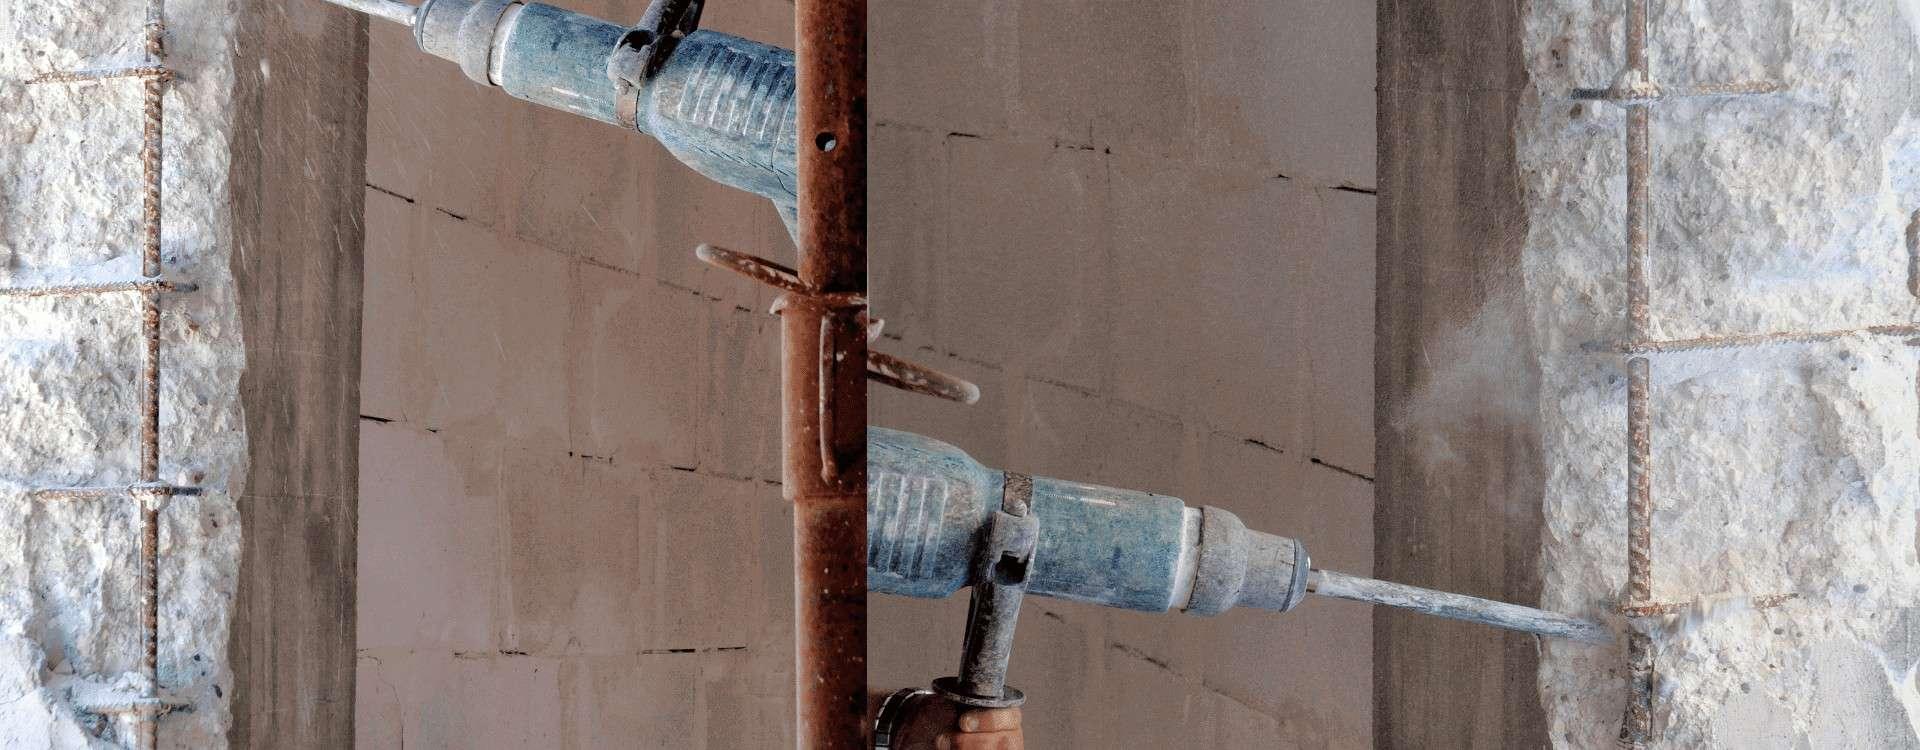 reparacion-estructural-pilares-hormigon-armado